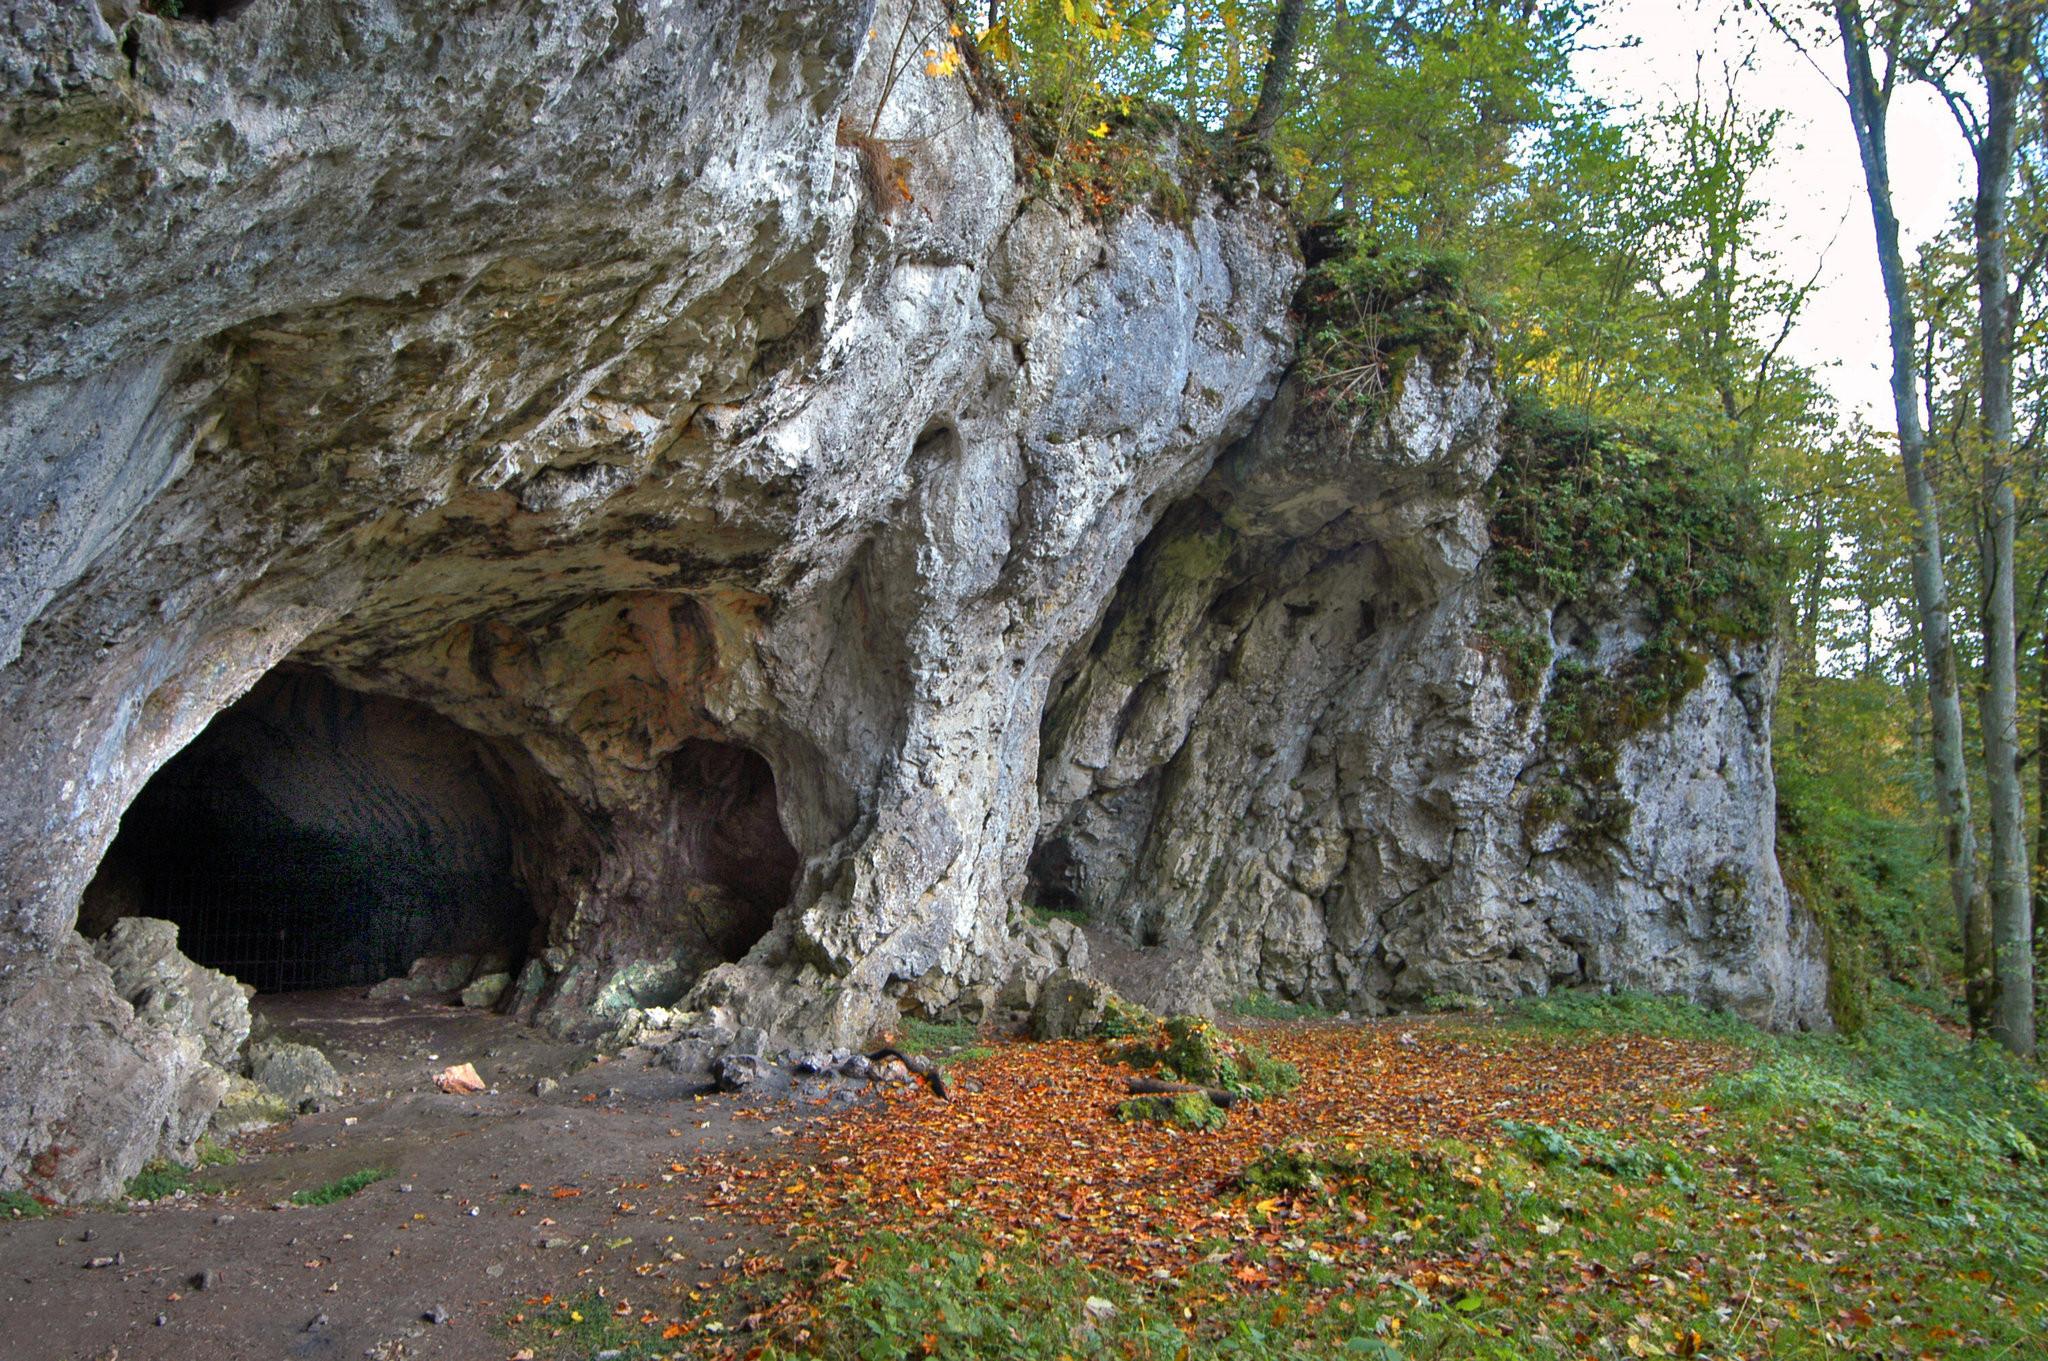 <p>Вход в пещеру&nbsp;<span>Холенштайн-Штадель, где обнаружены останки древнего человека. Фото:&nbsp;Wolfgang Adler/Museum Ulm</span></p>